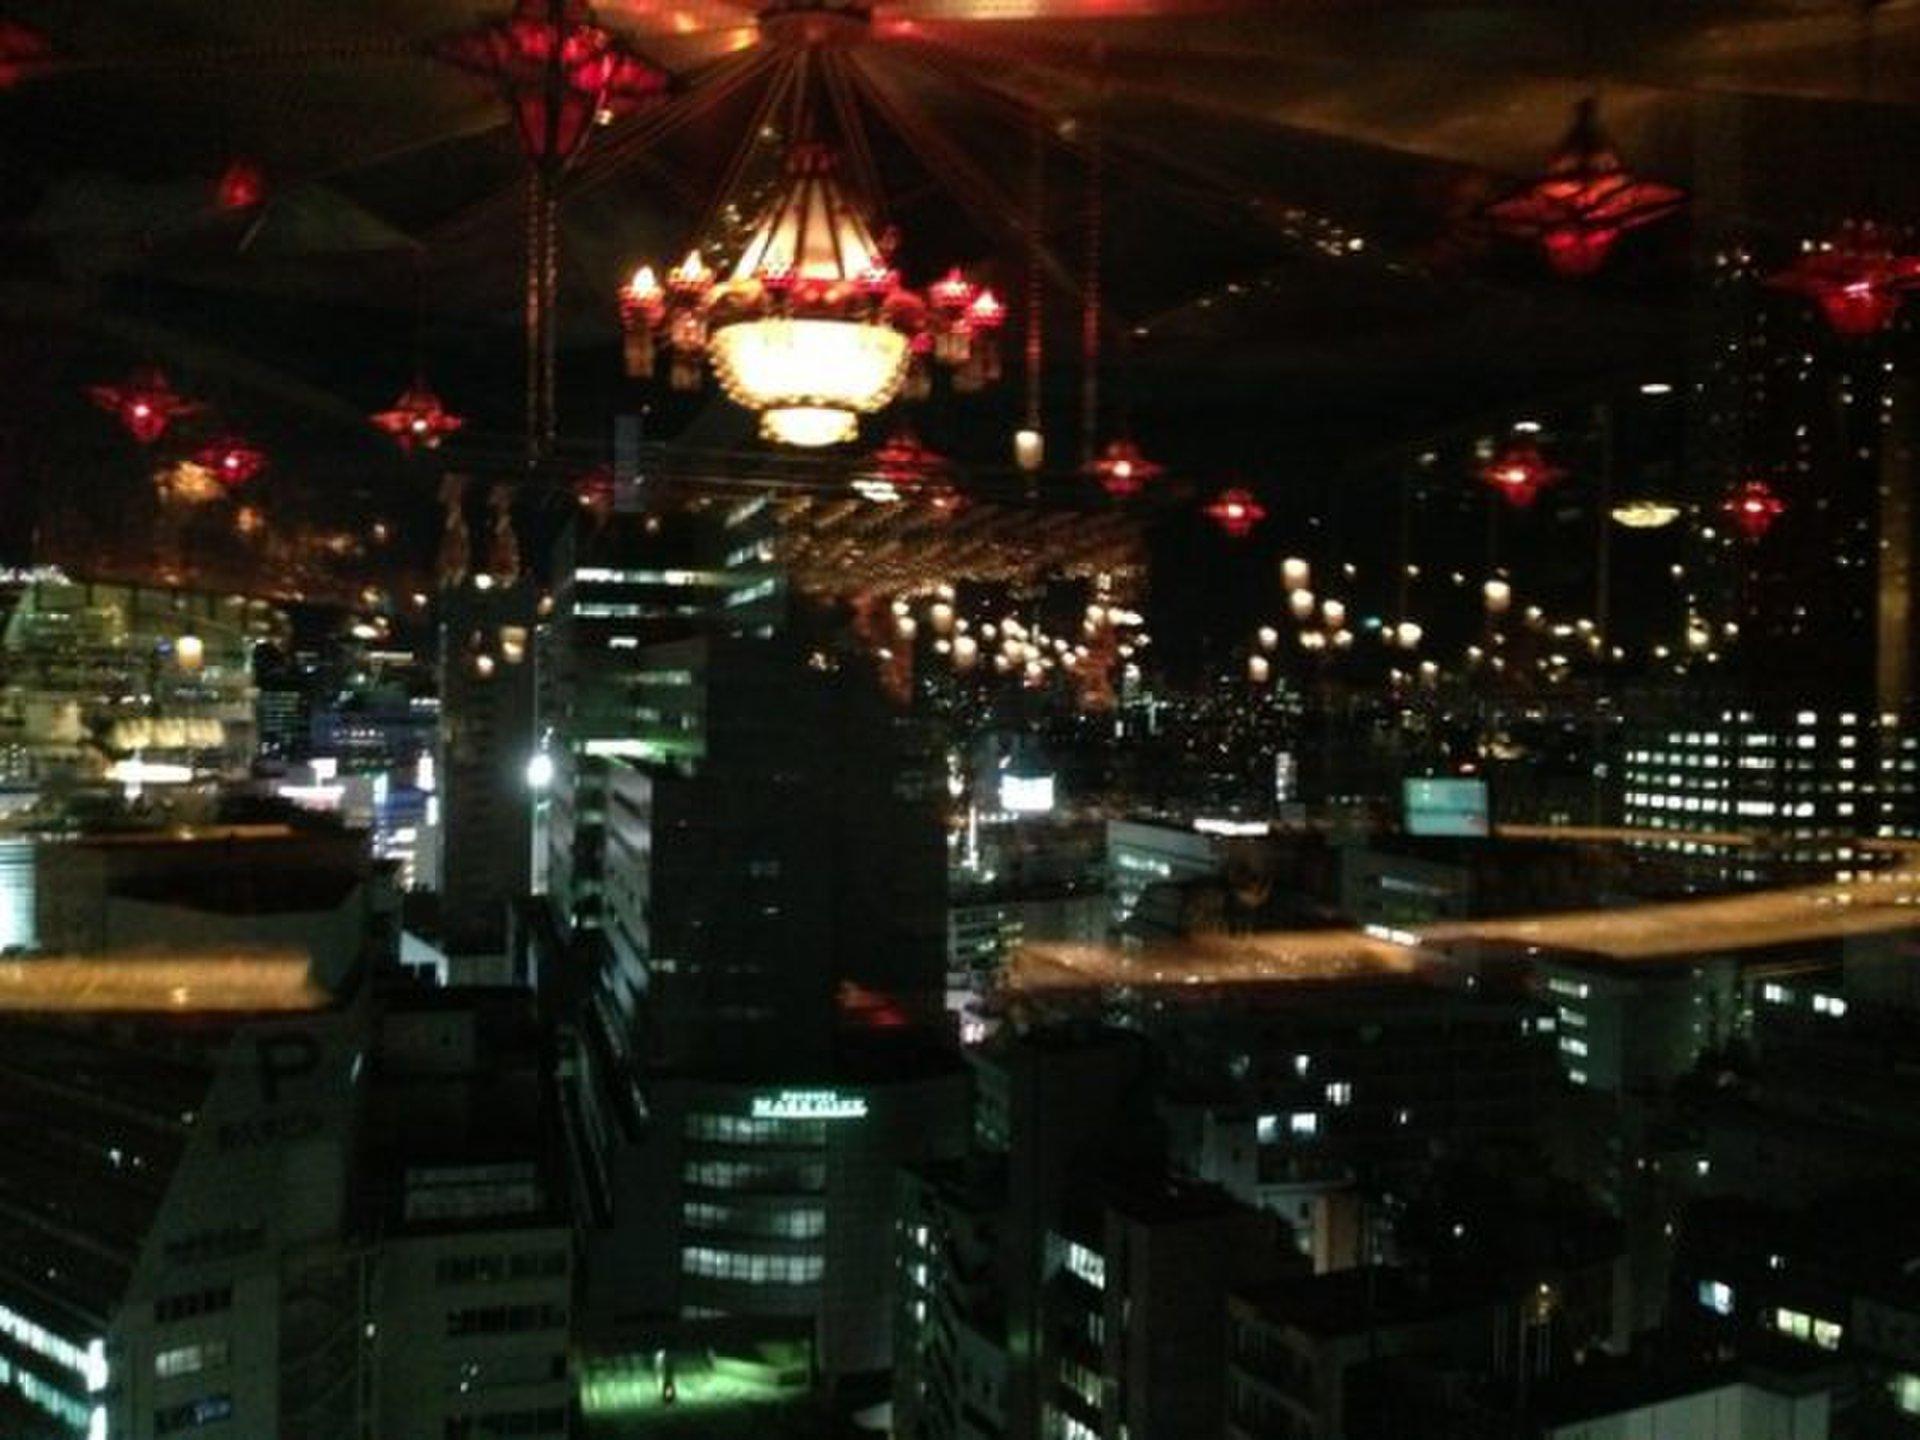 【会社帰りのデートにおすすめプラン】東京渋谷で映画でリフレッシュからおしゃれなディナースポット